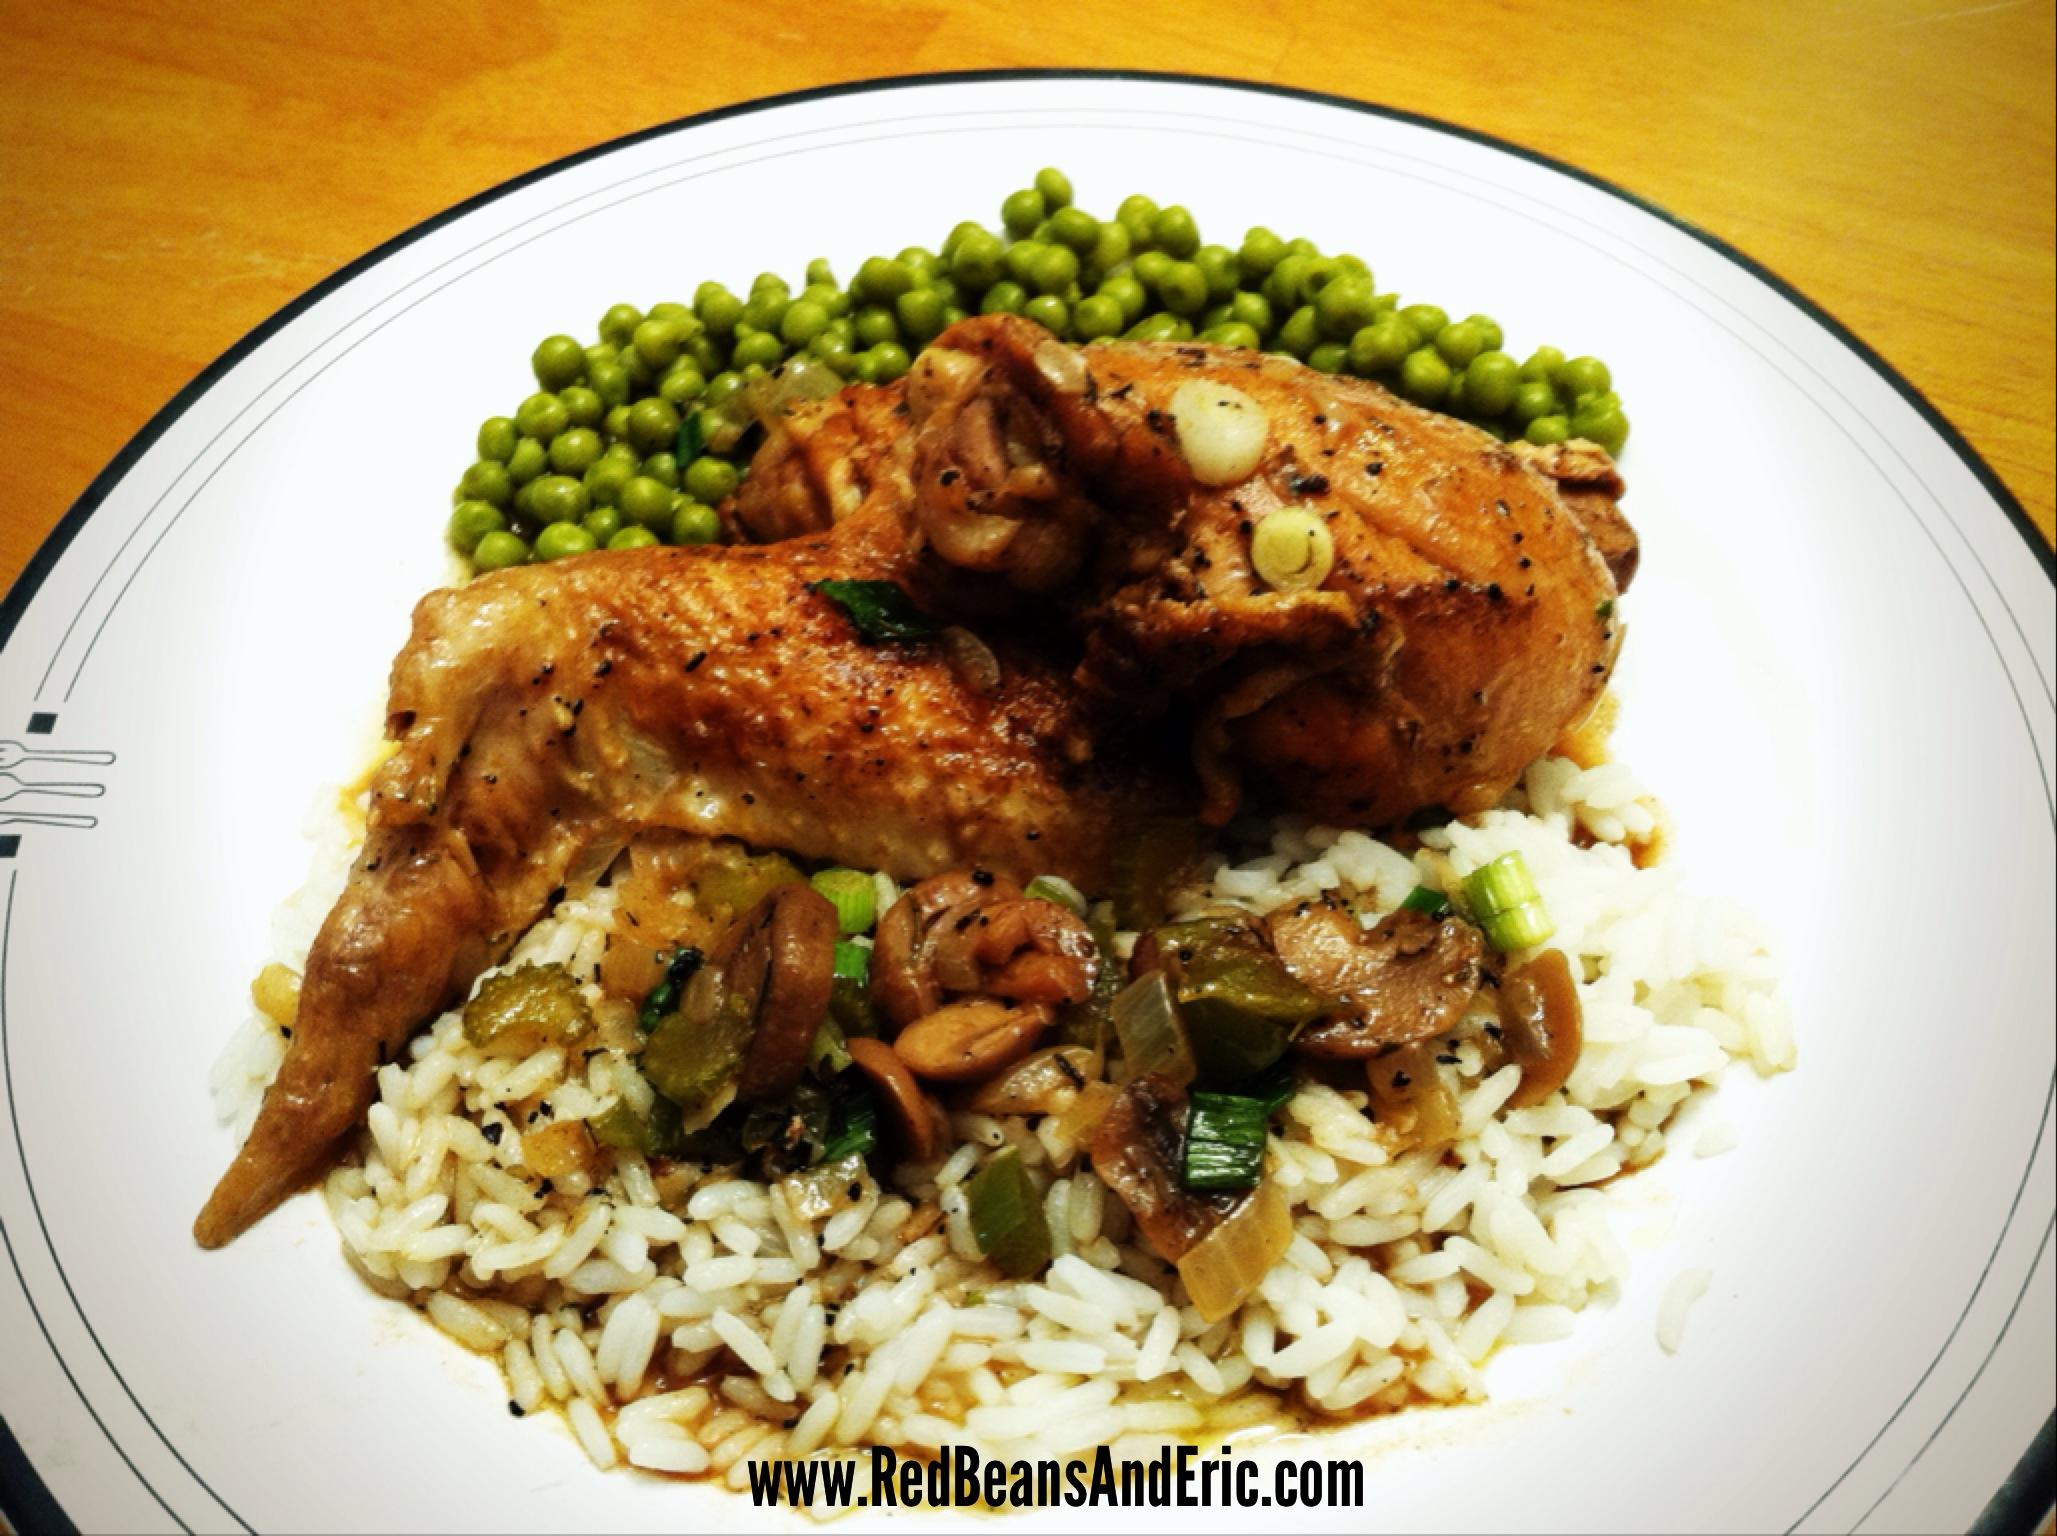 New Orleans Style Stewed Chicken